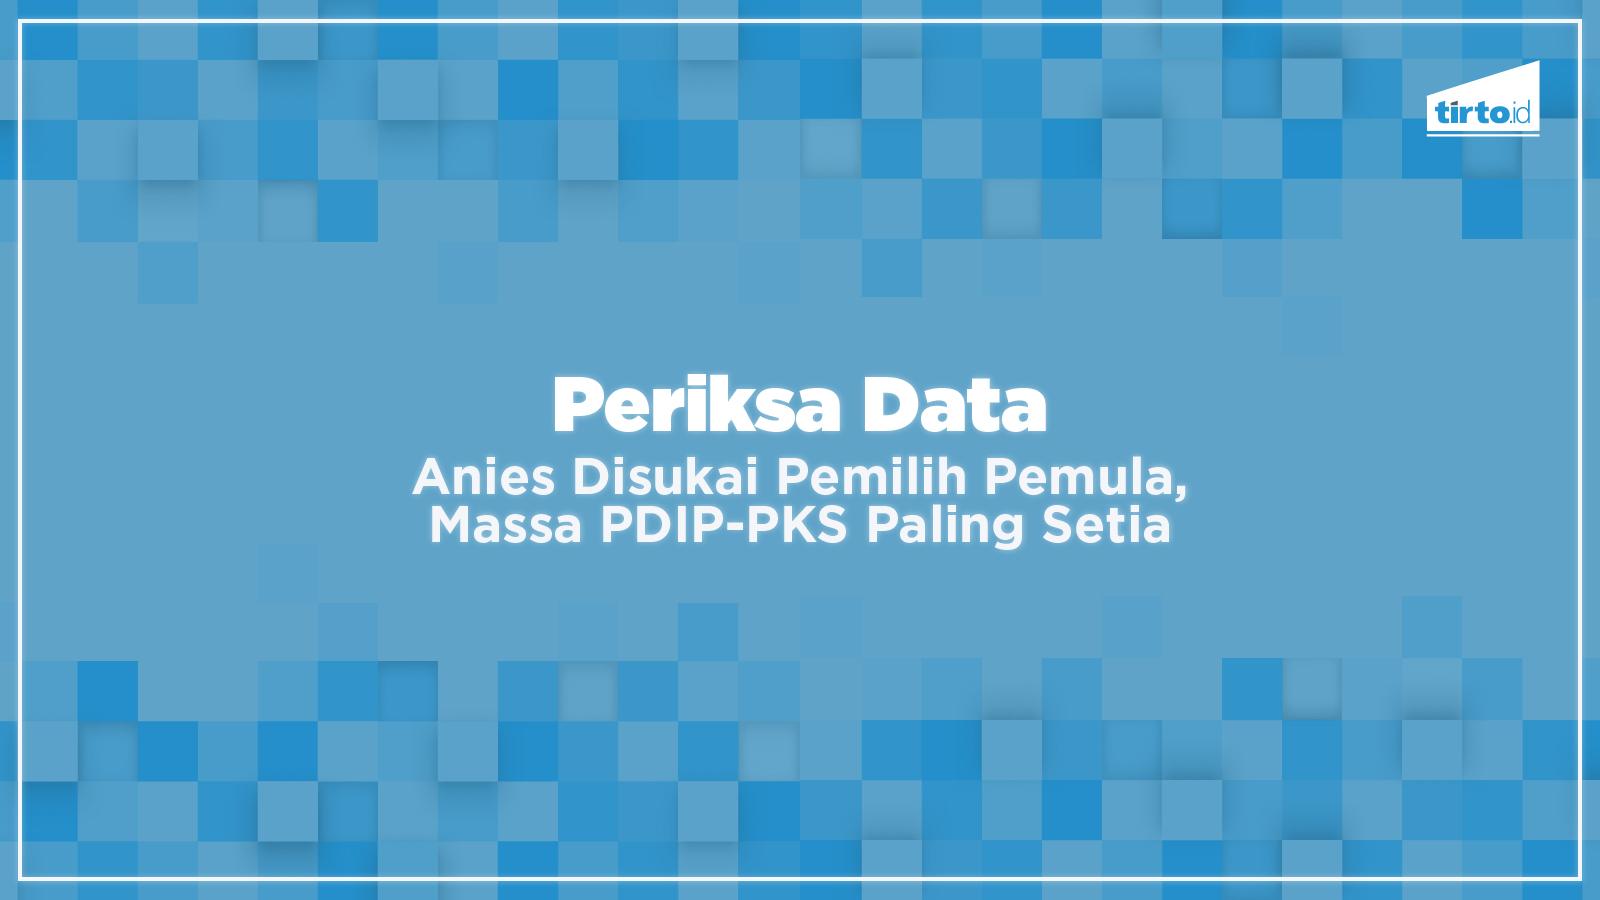 Anies Disukai Pemilih Pemula, Massa PDIP-PKS Paling Setia